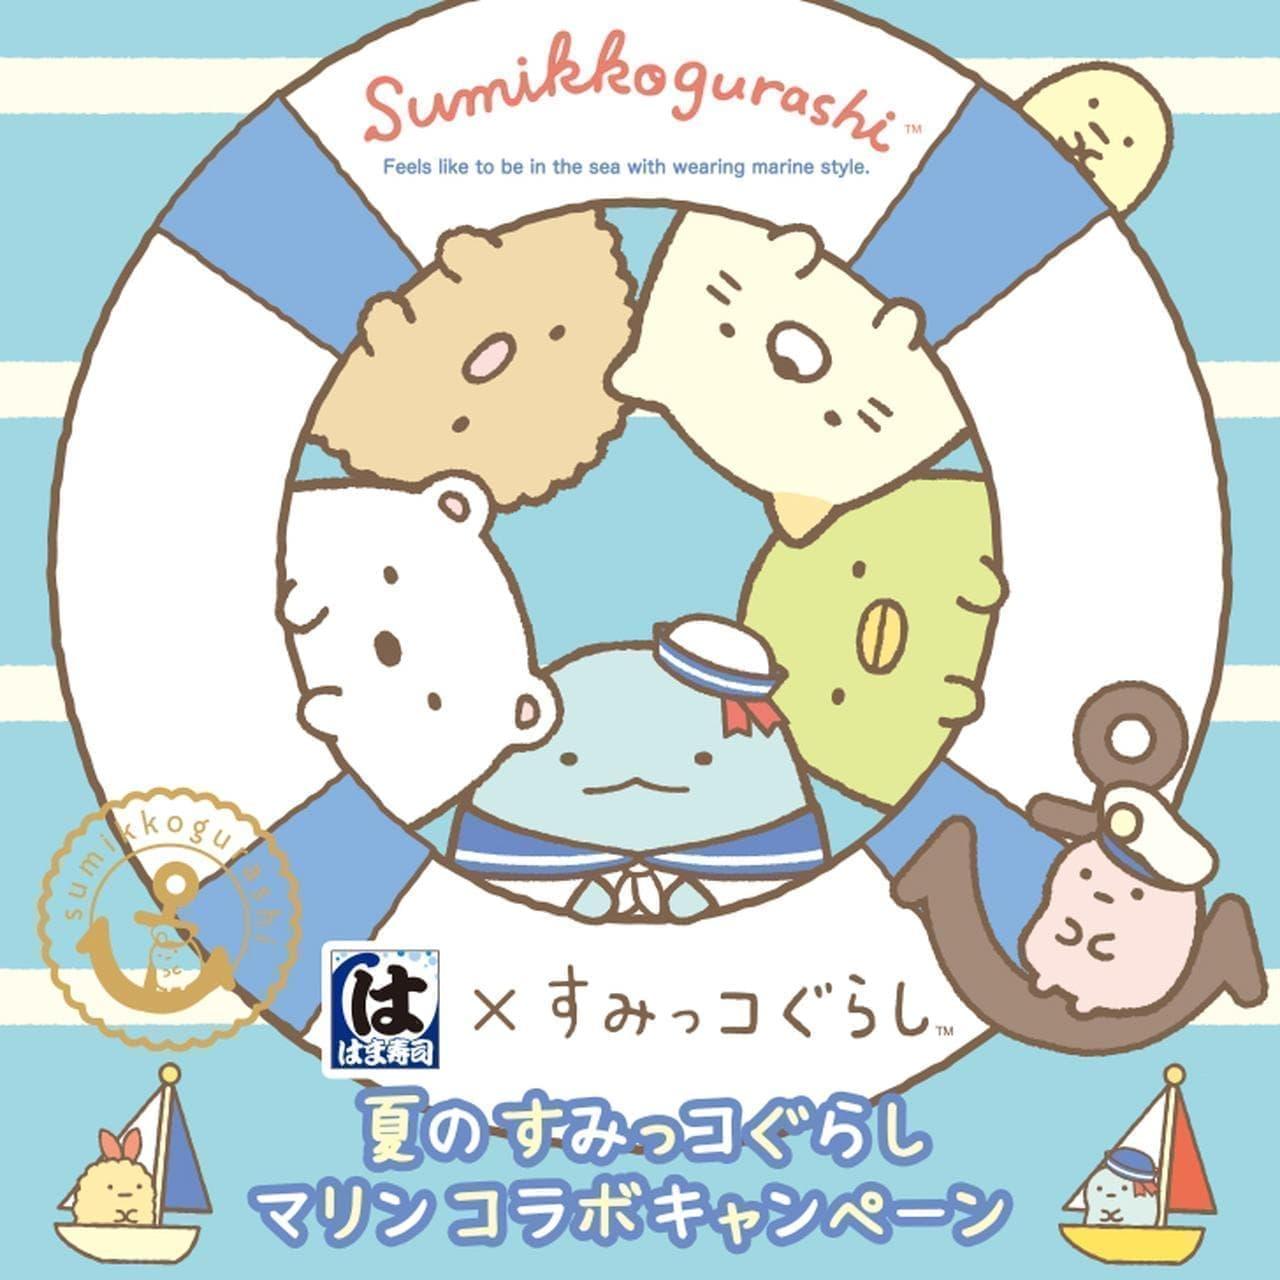 はま寿司夏のすみっコぐらしマリンコラボキャンペーン